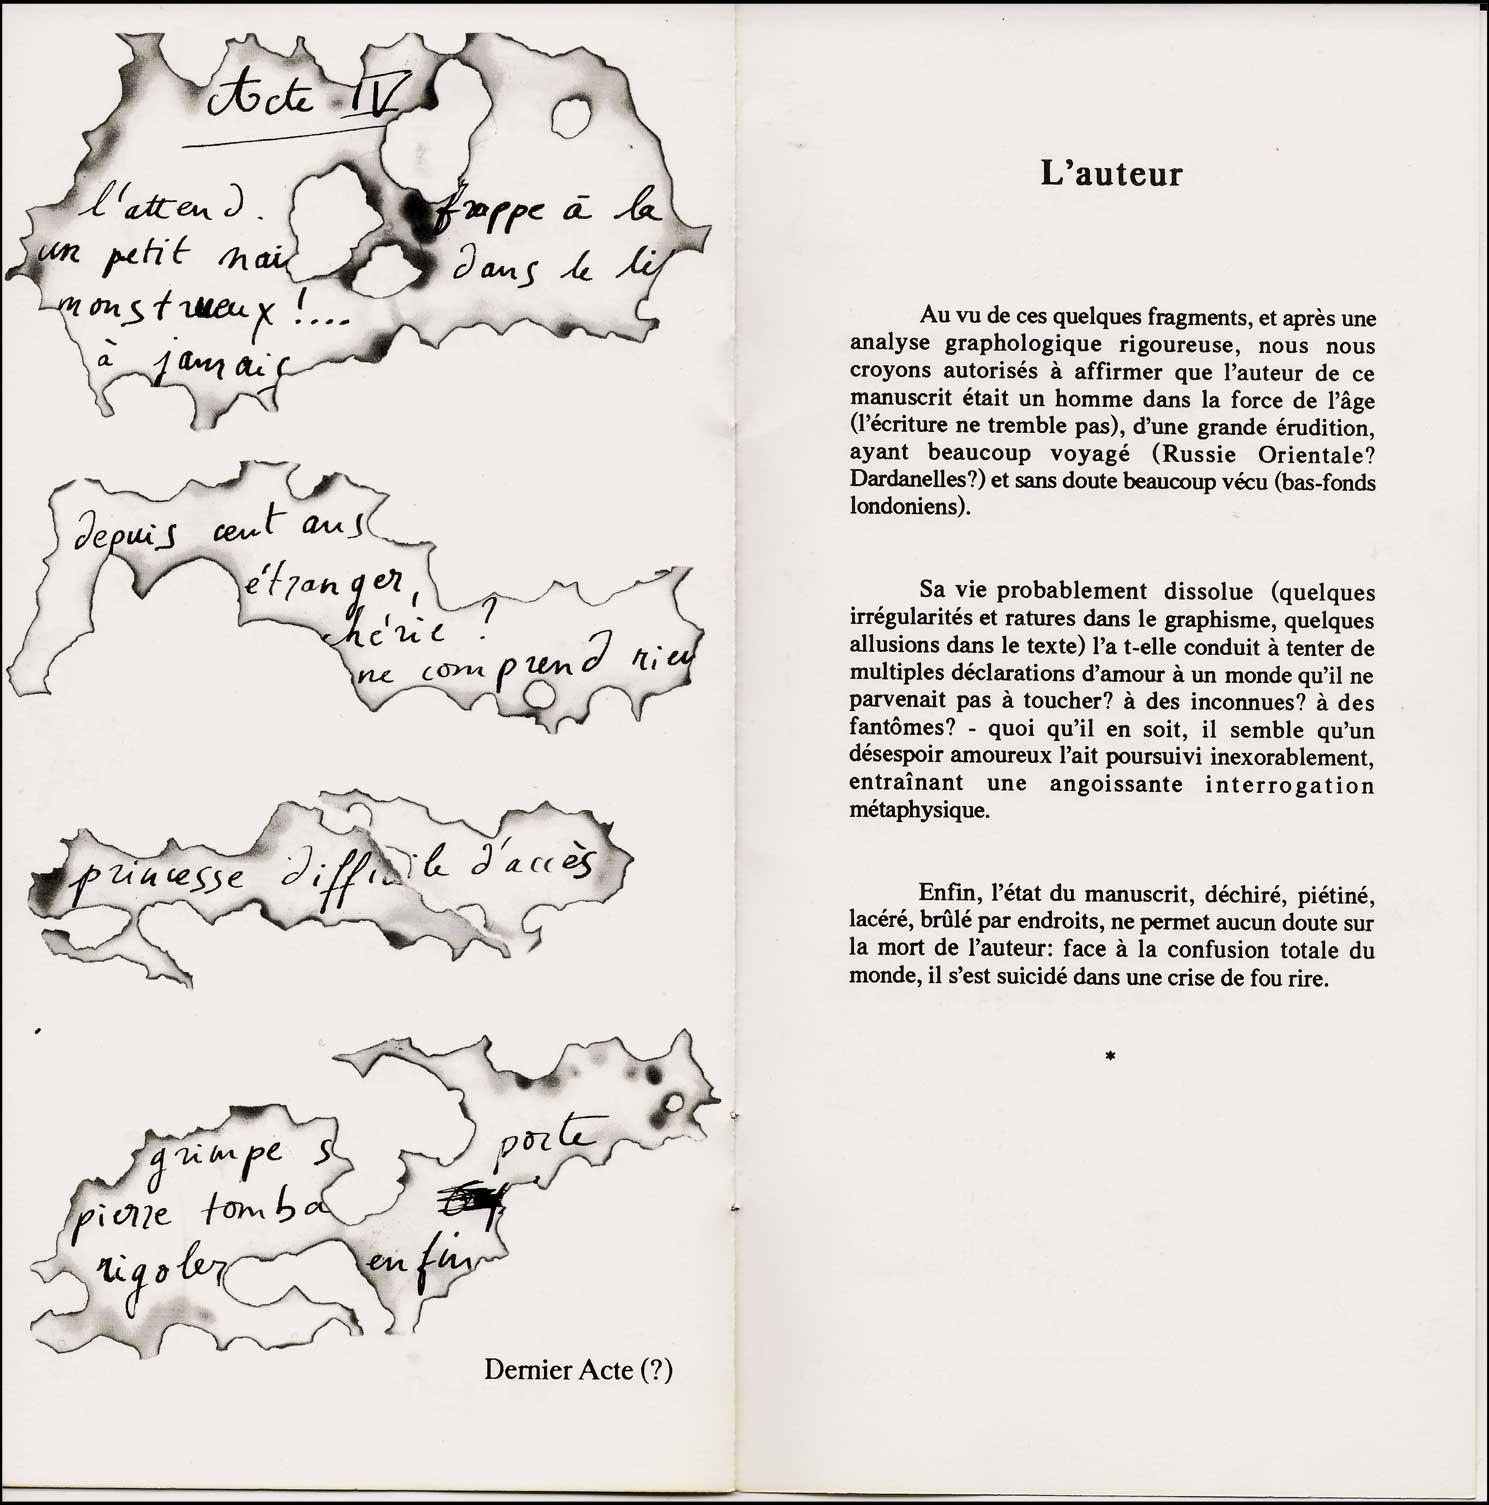 LPP-programme-4